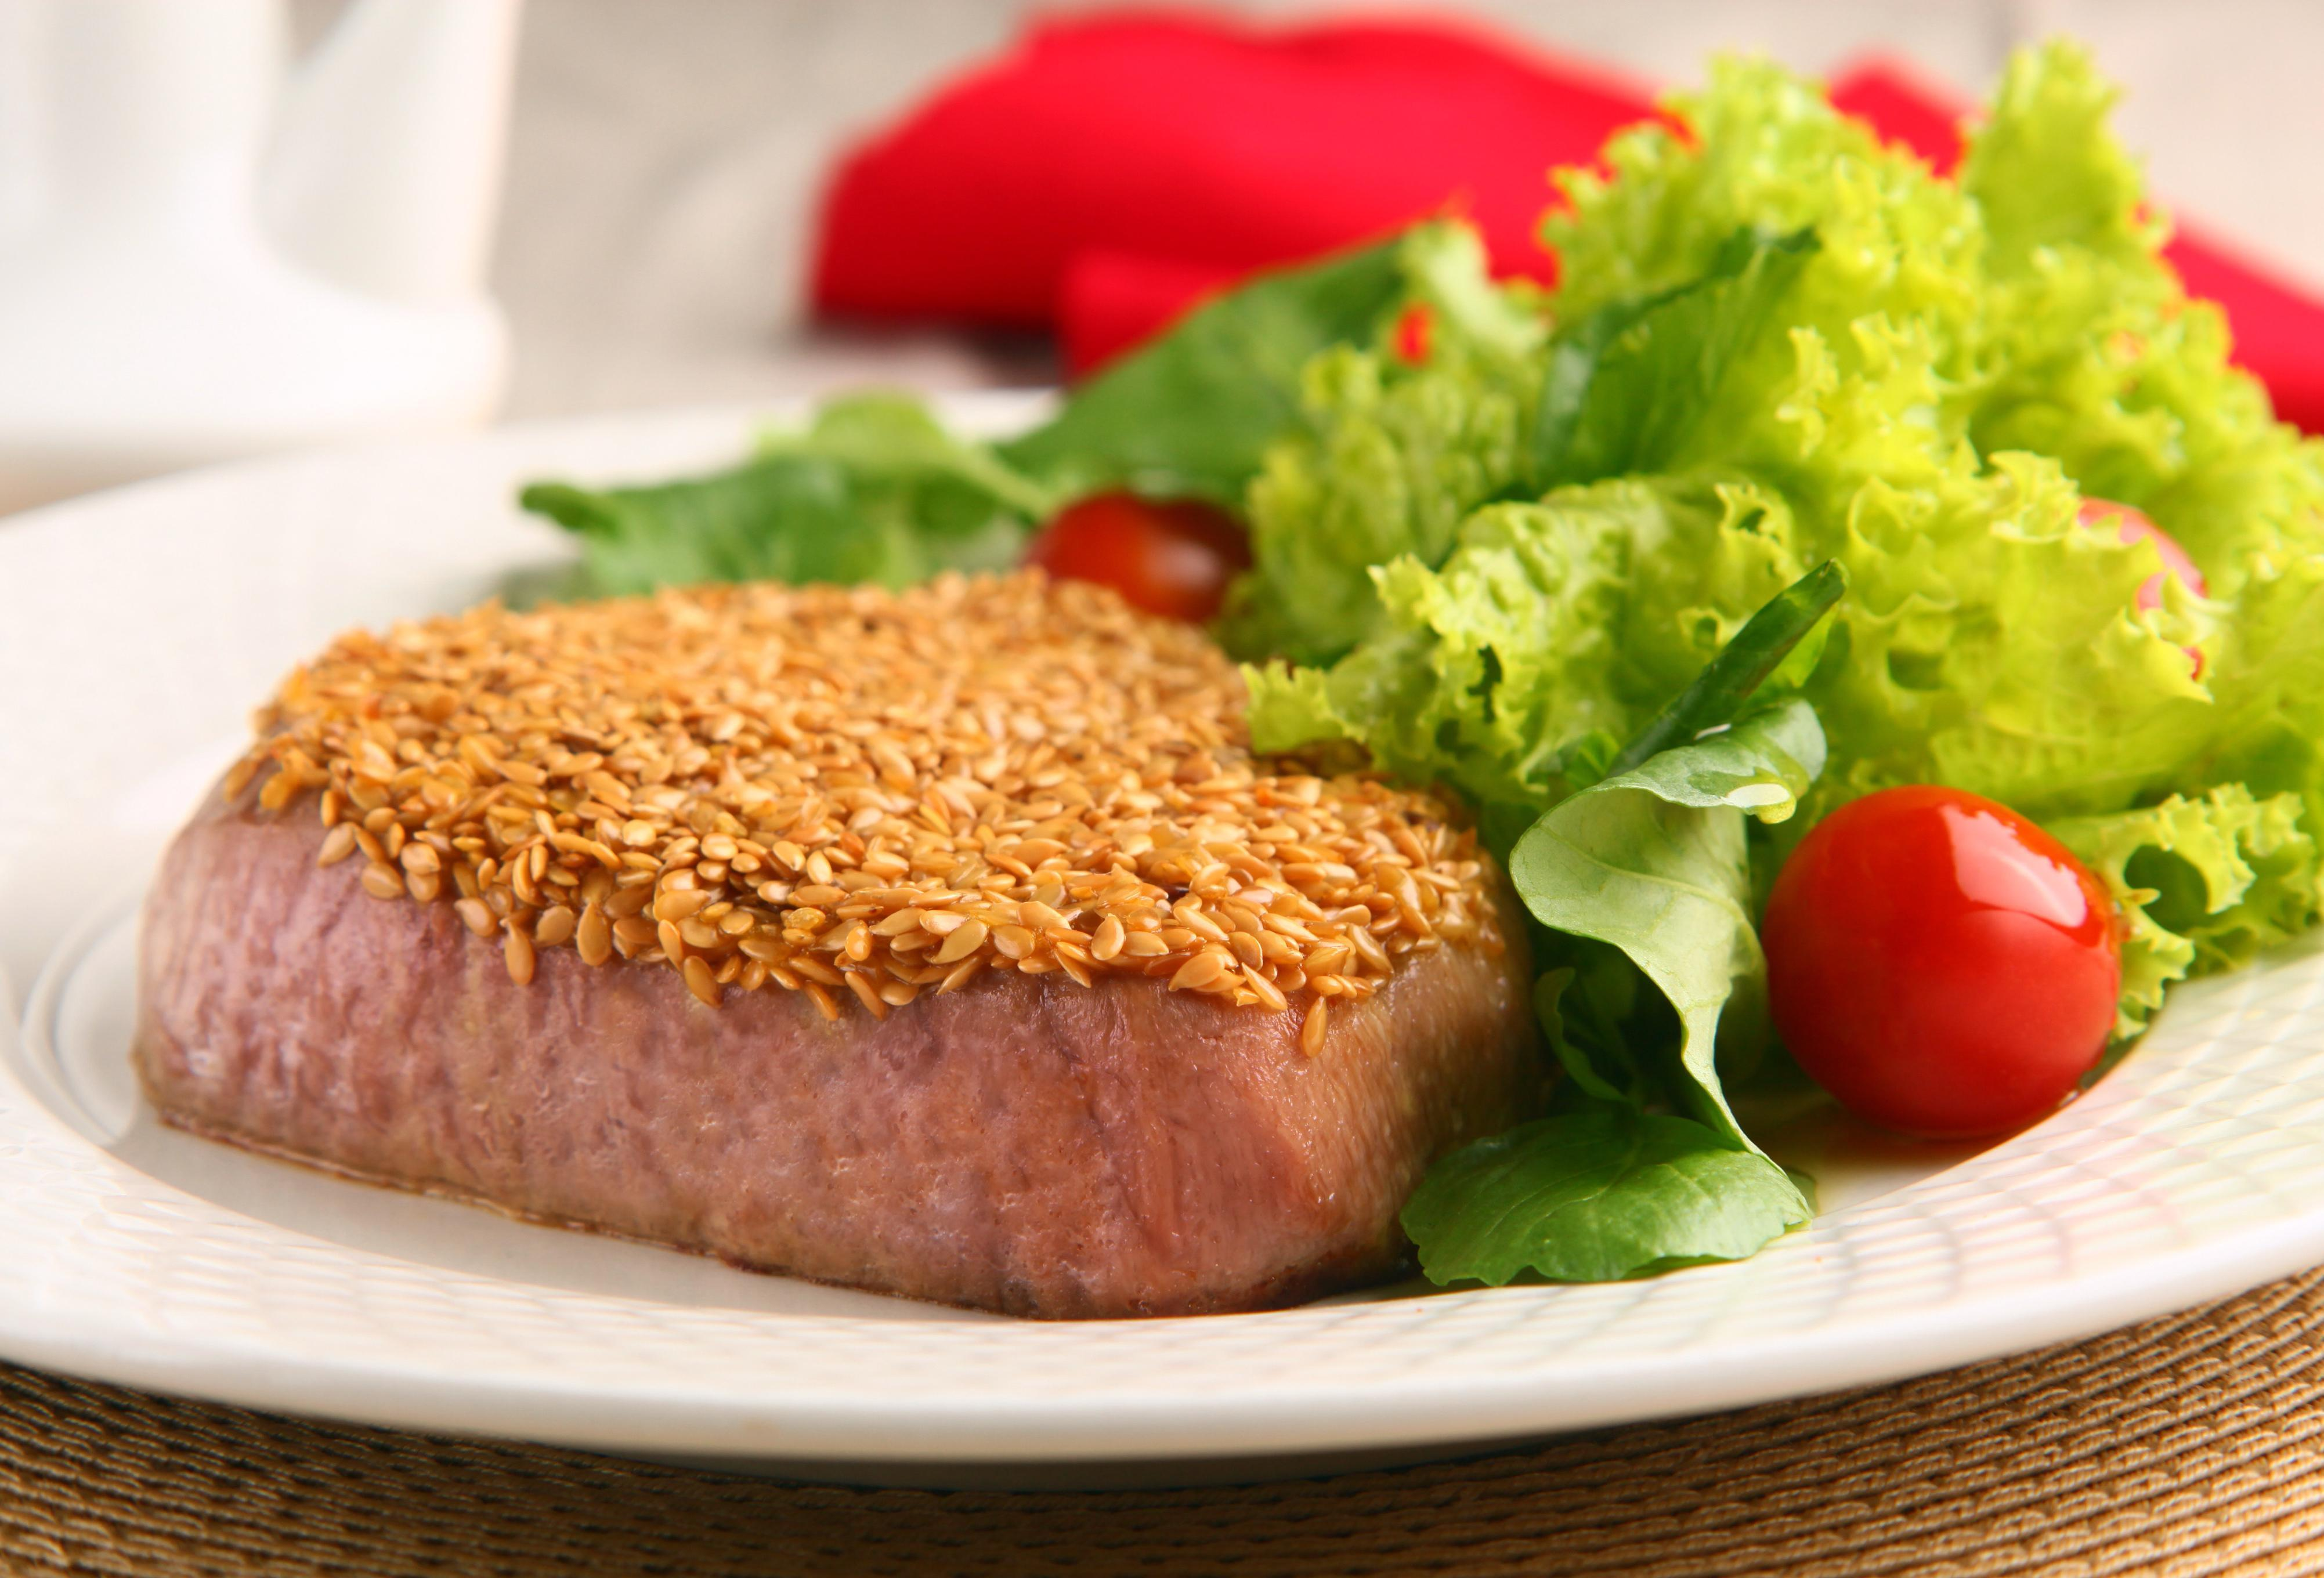 Dieta Rápida de Atum Para Emagrecer em 3 Dias